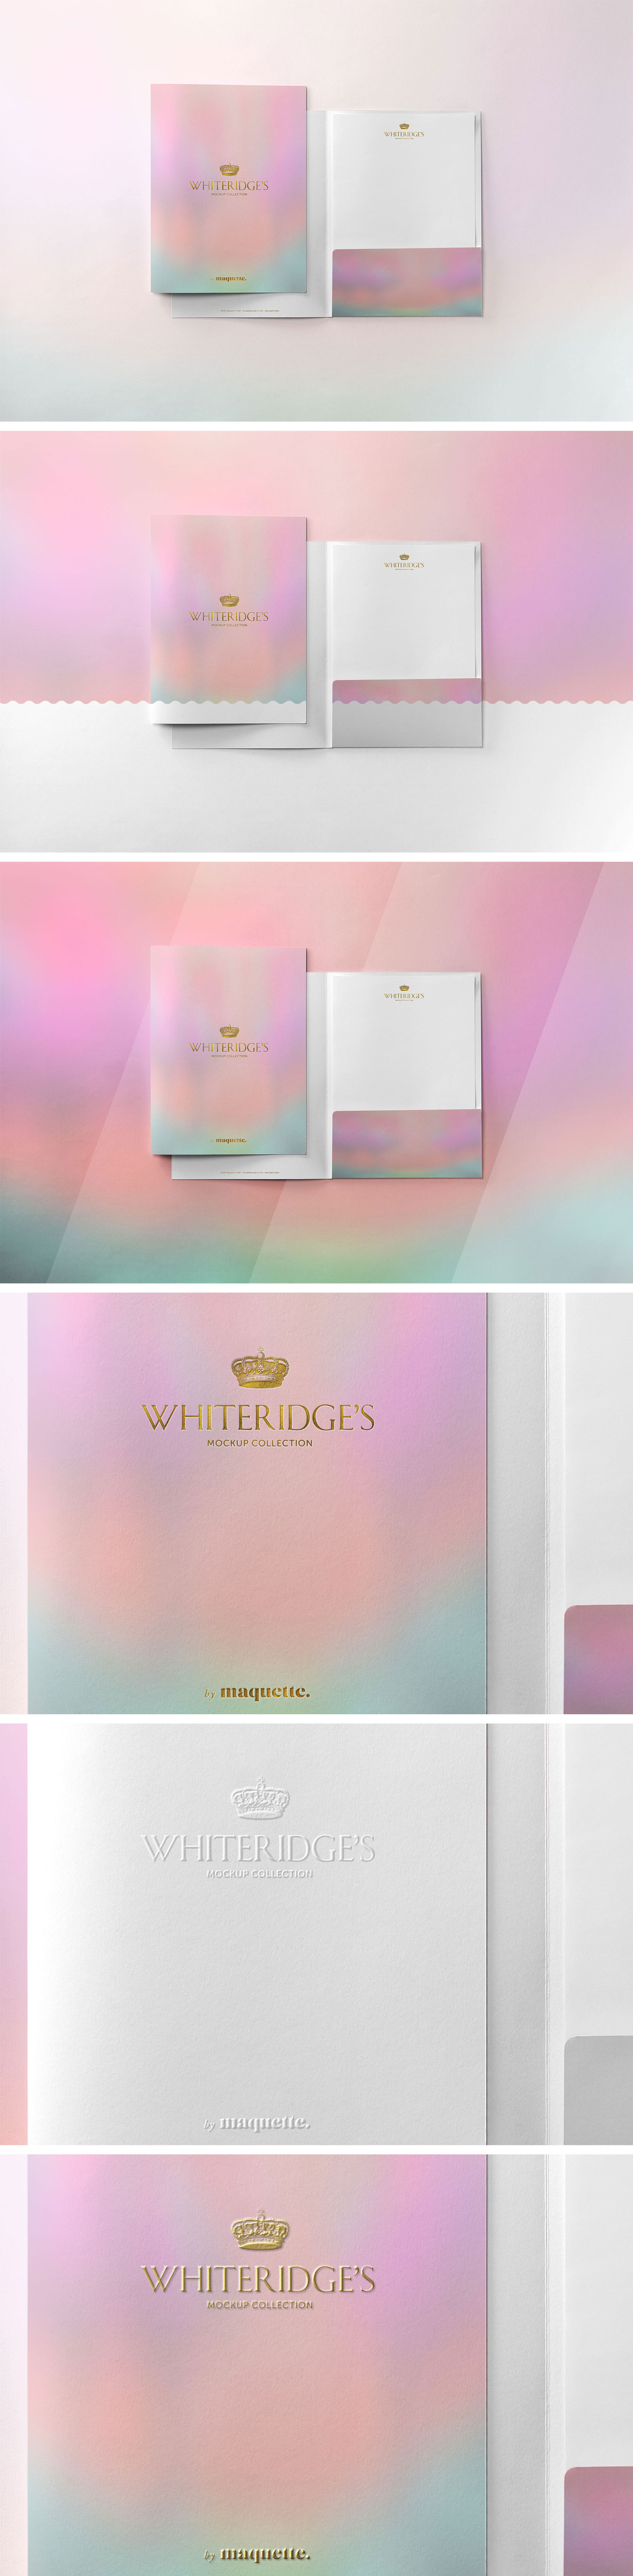 豪华金压纹办公文具文件夹设计样机模板 Luxury Gold-Embossed Corporate Stationery Mockup 2插图